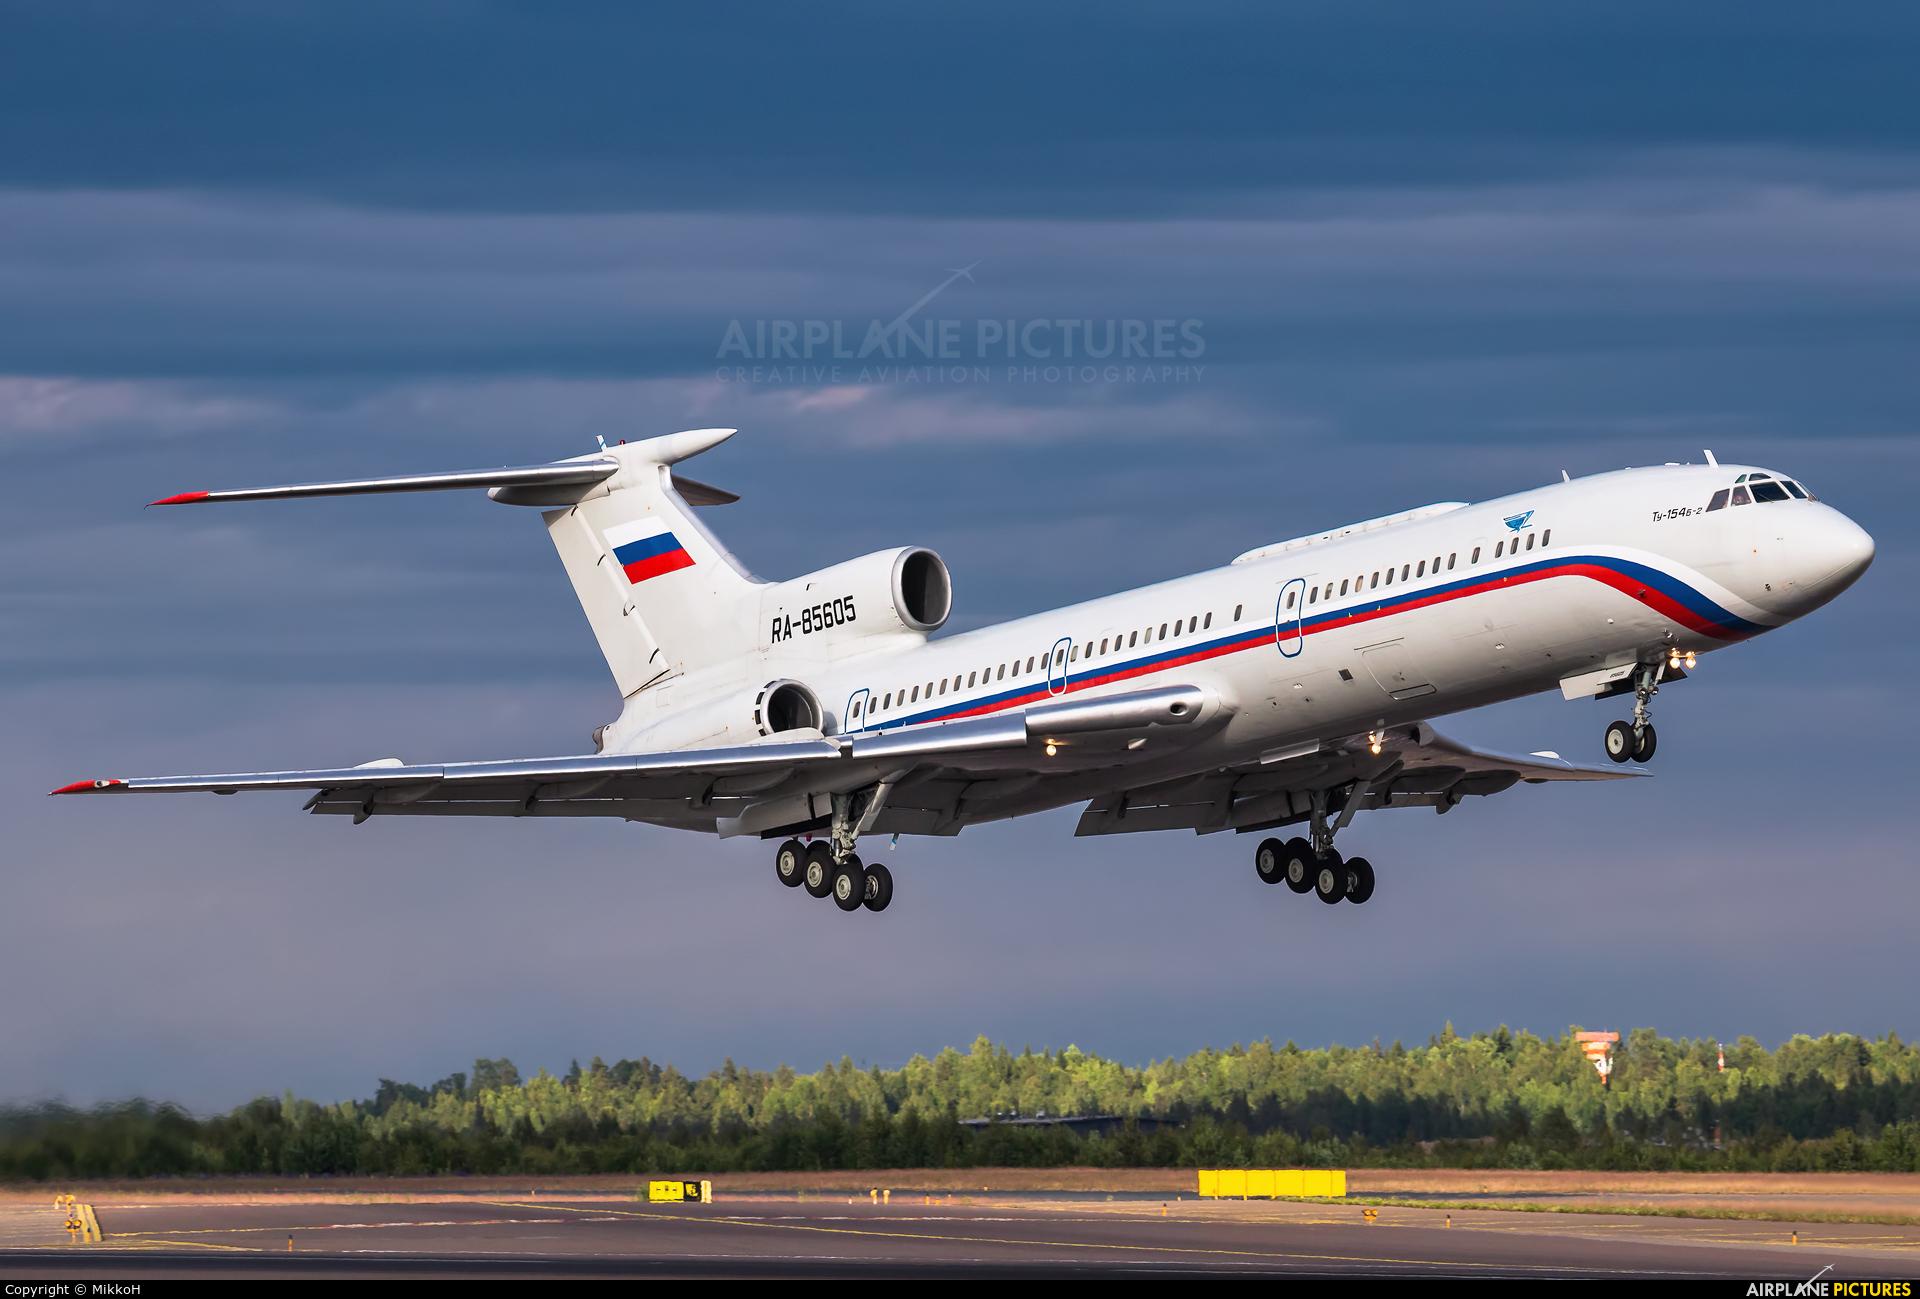 Russia - Air Force RA-85605 aircraft at Helsinki - Vantaa